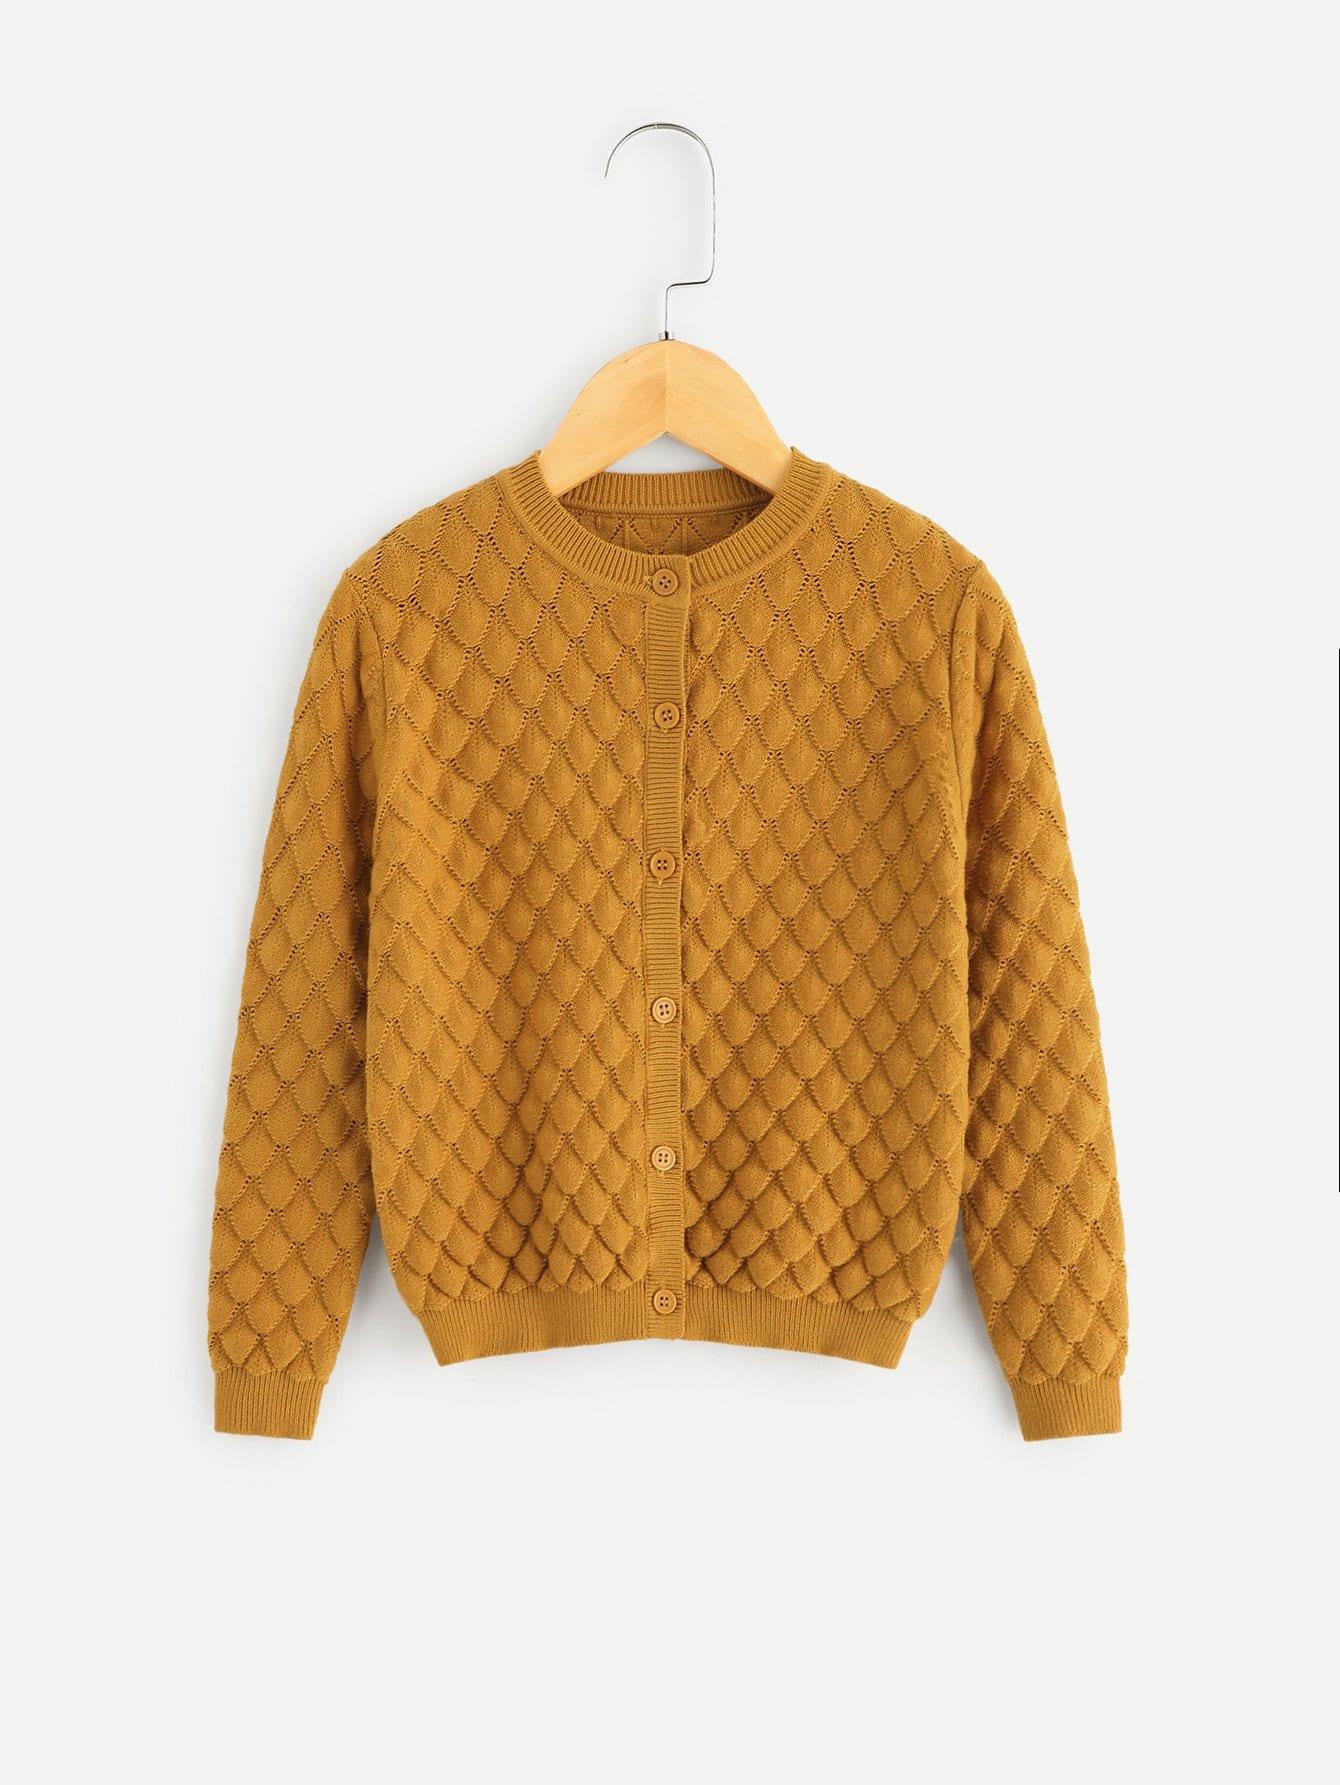 Купить Одноцветное пальто-свитер для маленьких девочек, null, SheIn